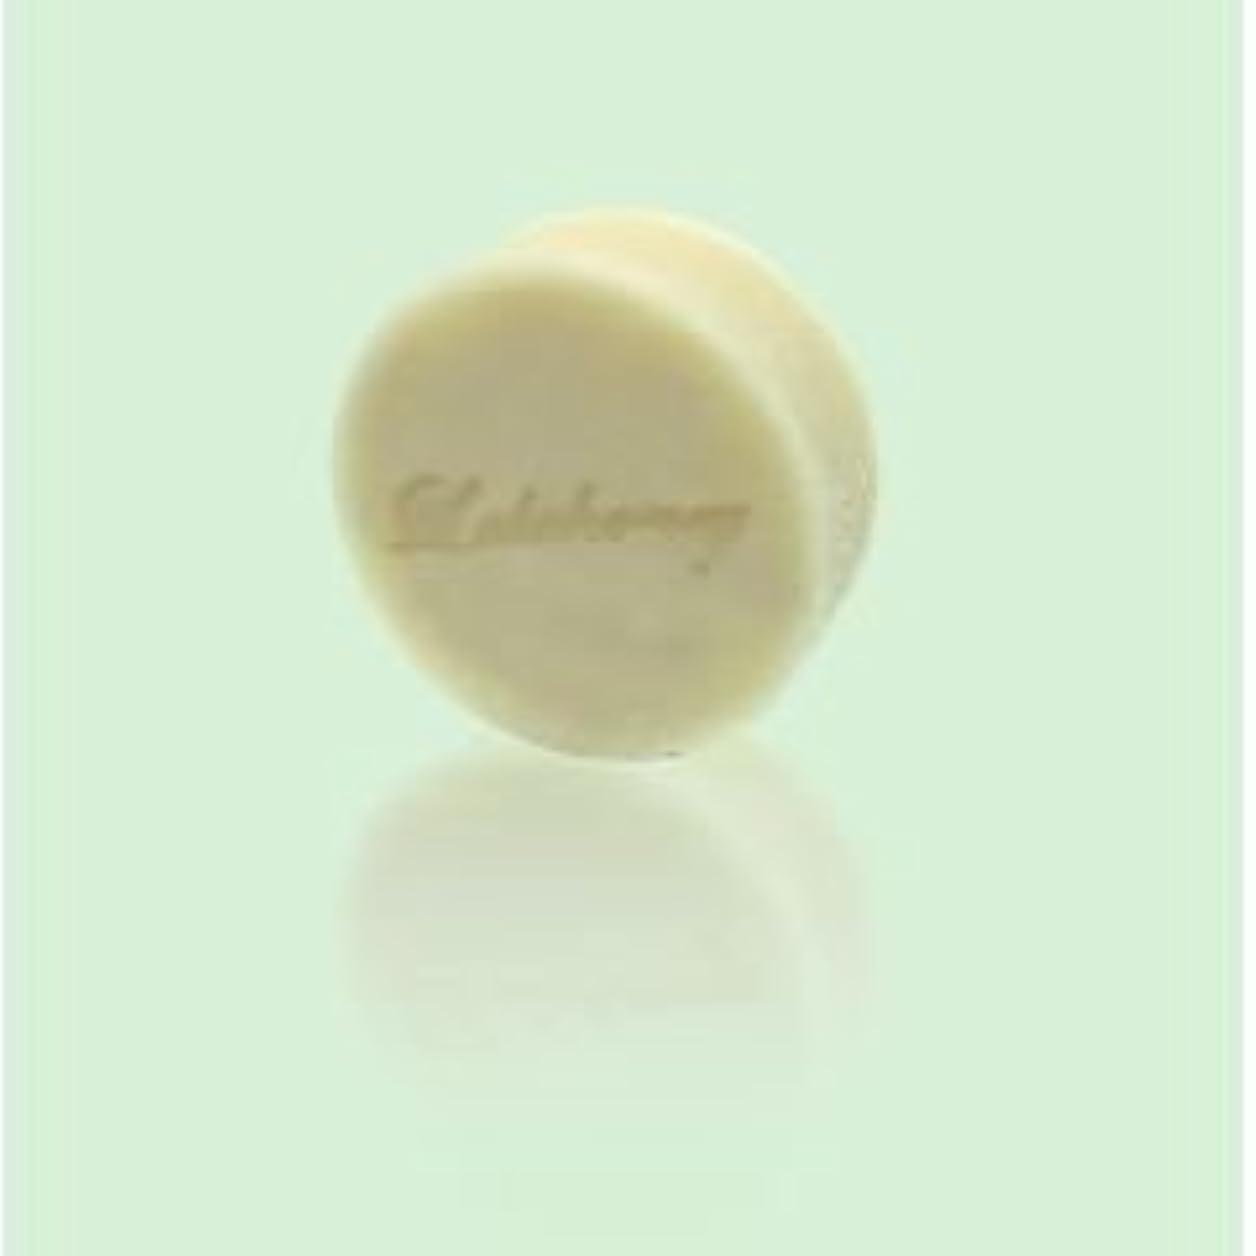 退屈力強い手書きLALAHONEY 石鹸〈アロマシリーズ?瞑想〉20g【手作りでシンプルなコールドプロセス製法】